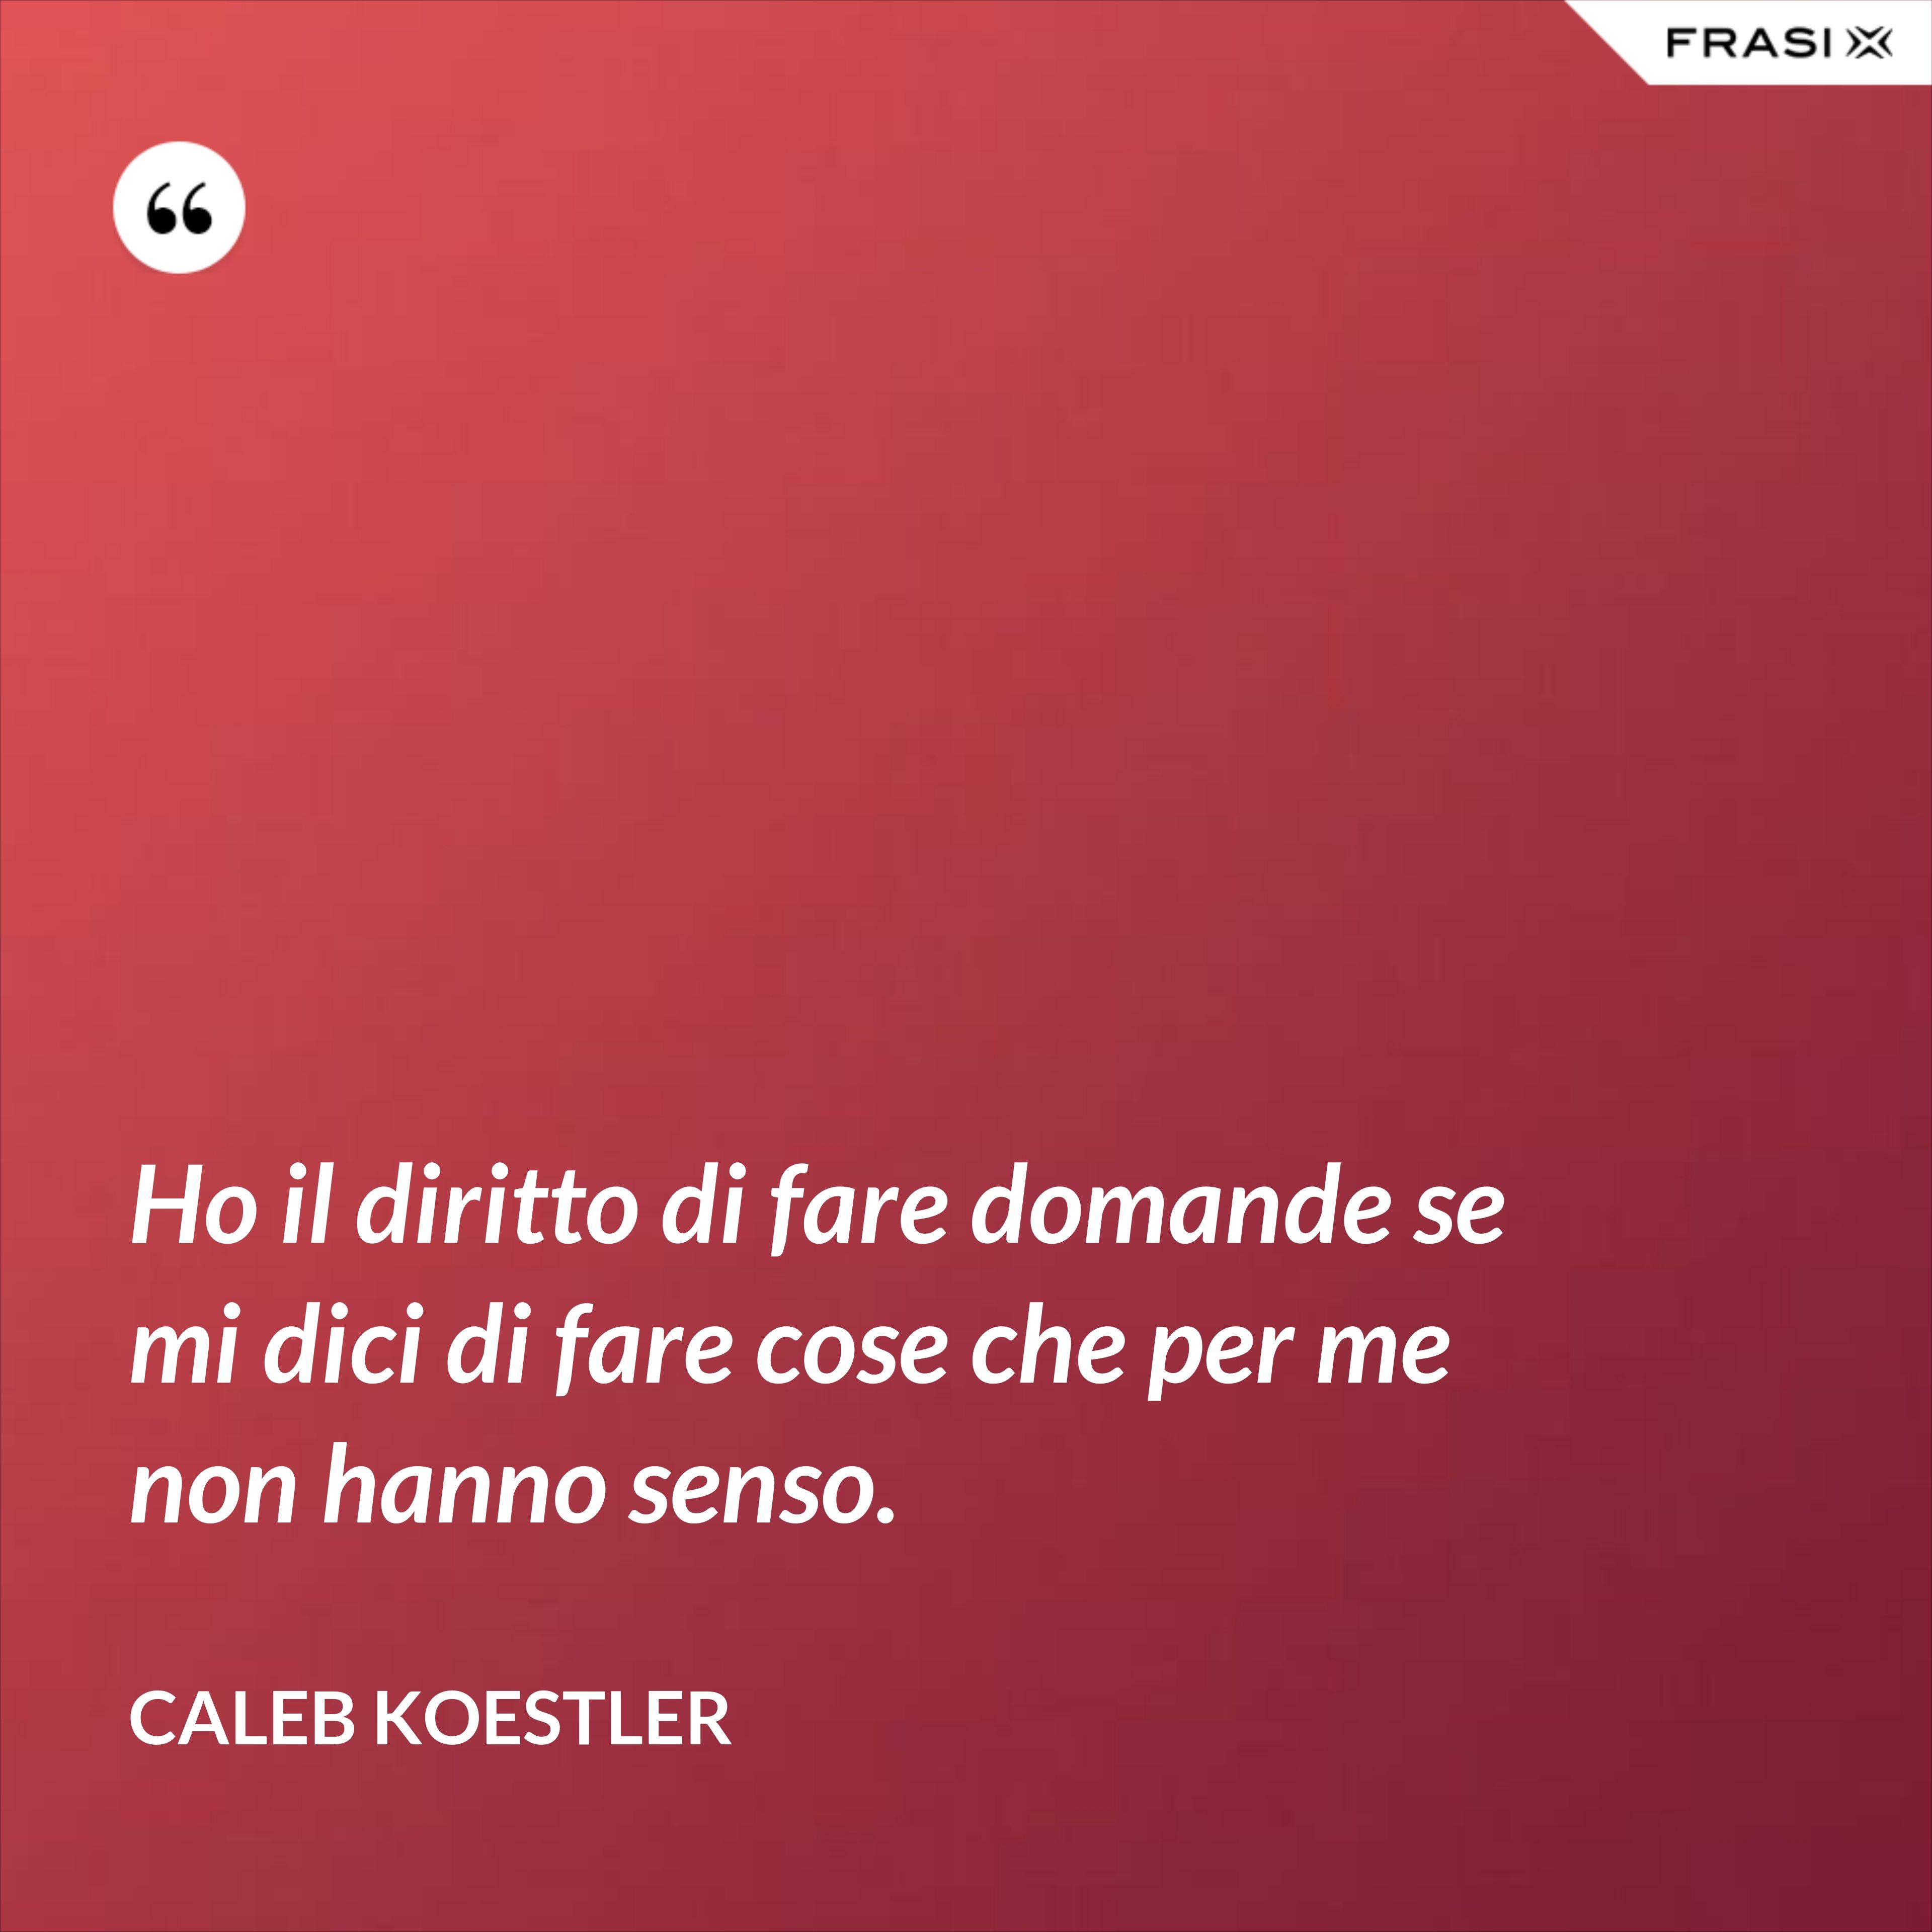 Ho il diritto di fare domande se mi dici di fare cose che per me non hanno senso. - Caleb Koestler